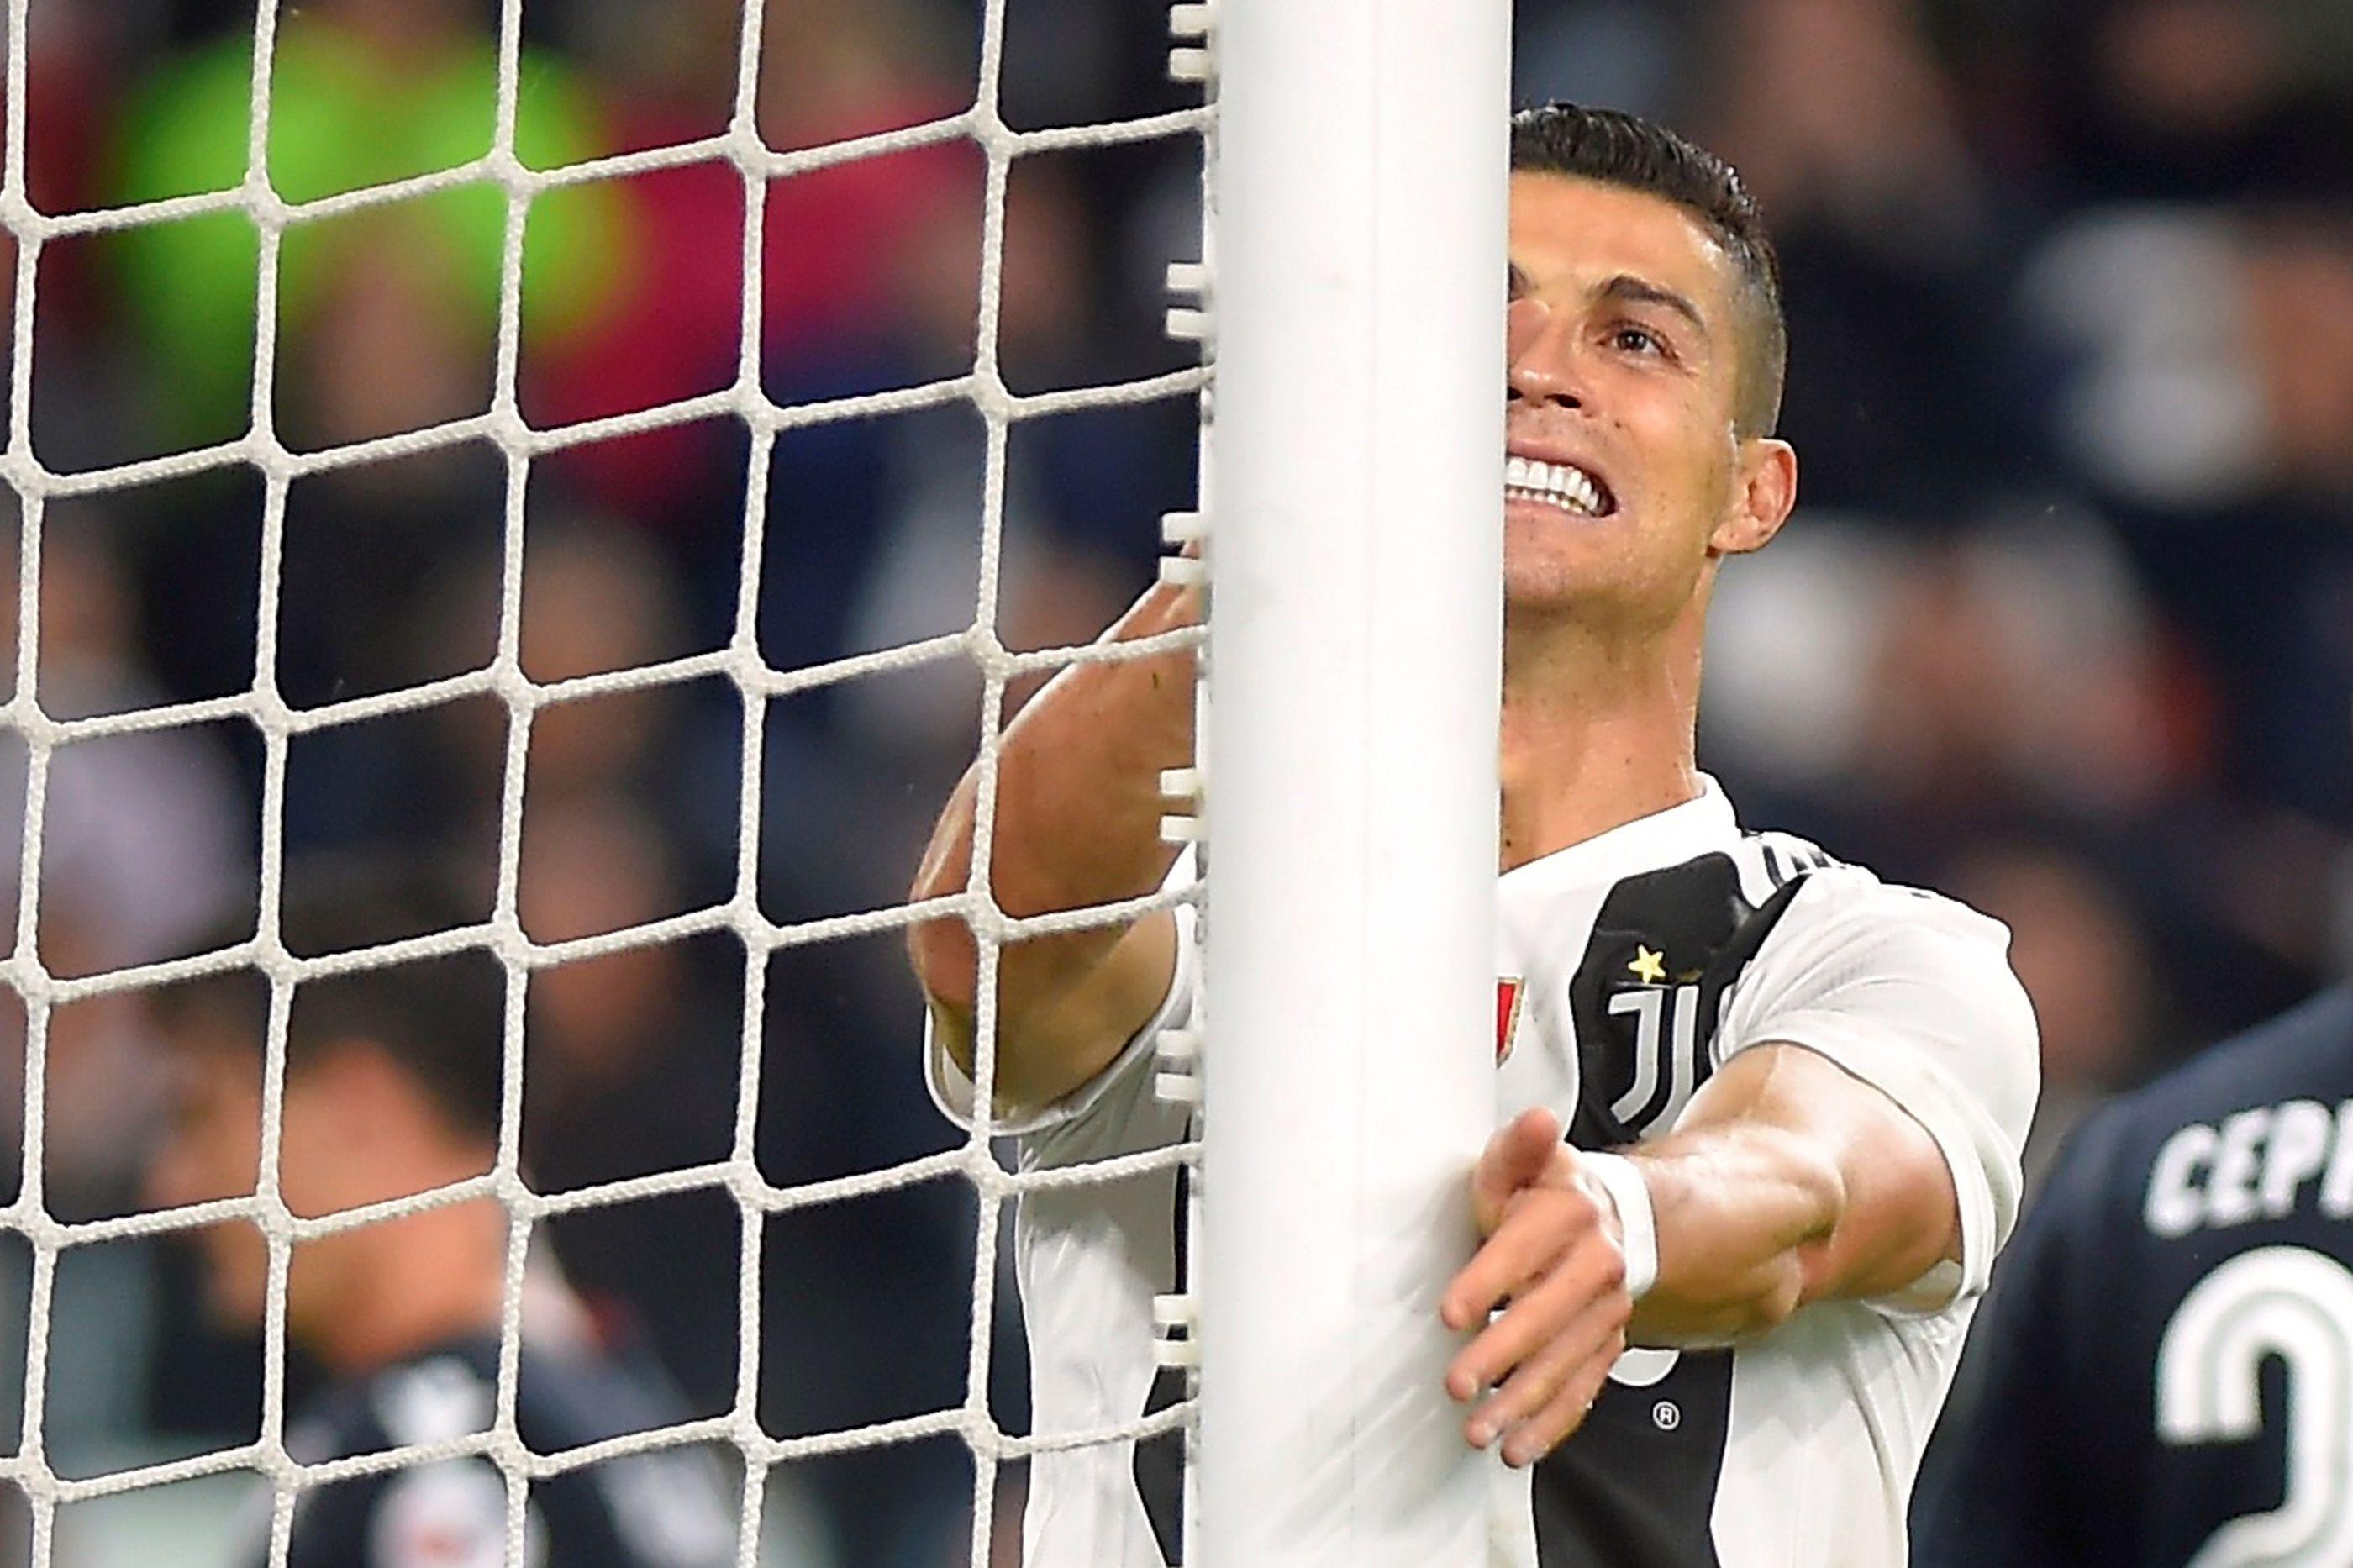 Ronaldo vai a tribunal a 21 de janeiro e paga 18,8 milhões de euros